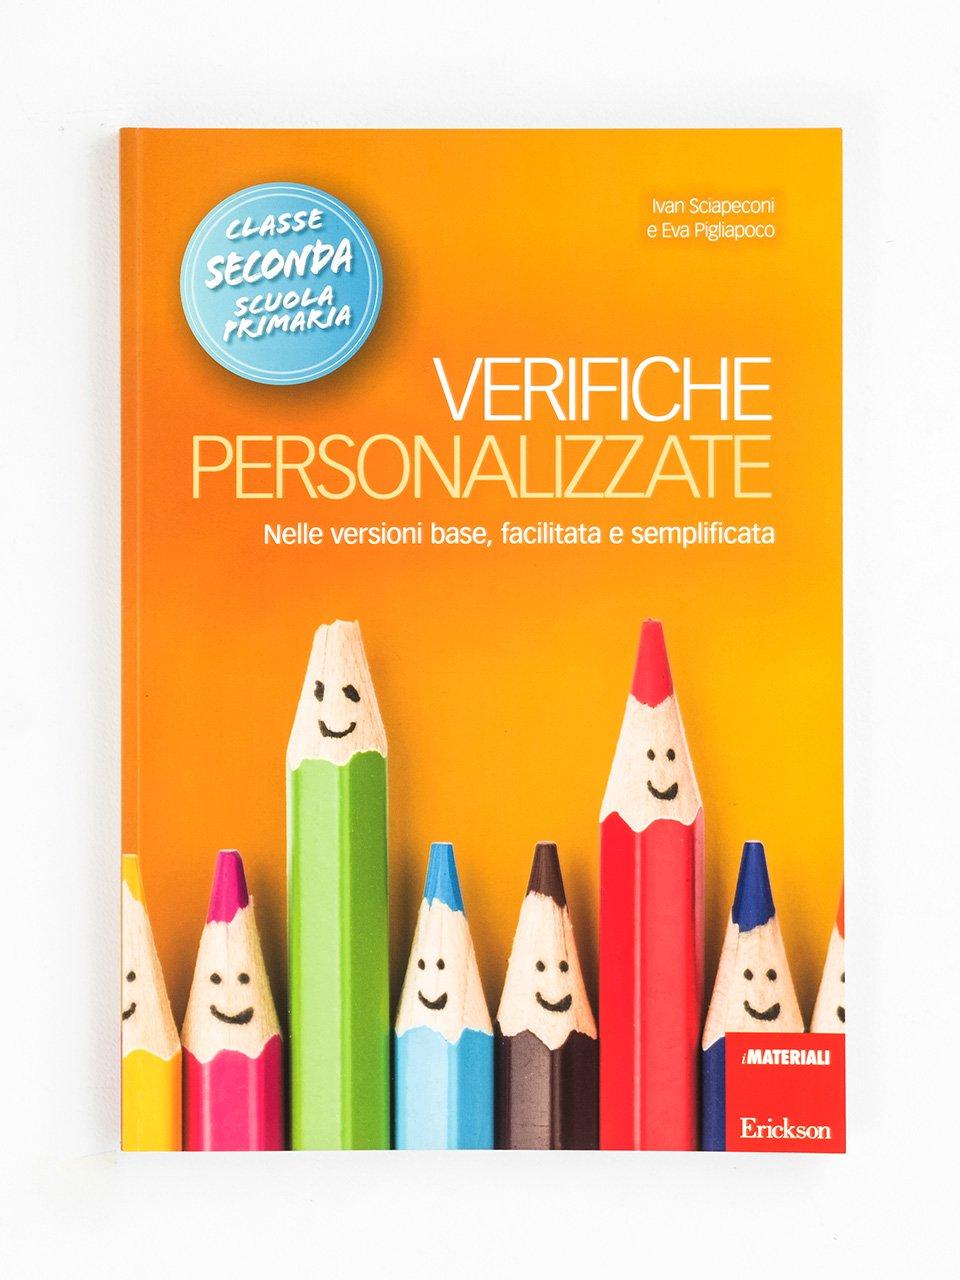 Verifiche personalizzate - Classe seconda - I Classici con la CAA - Pinocchio - Libri - Erickson